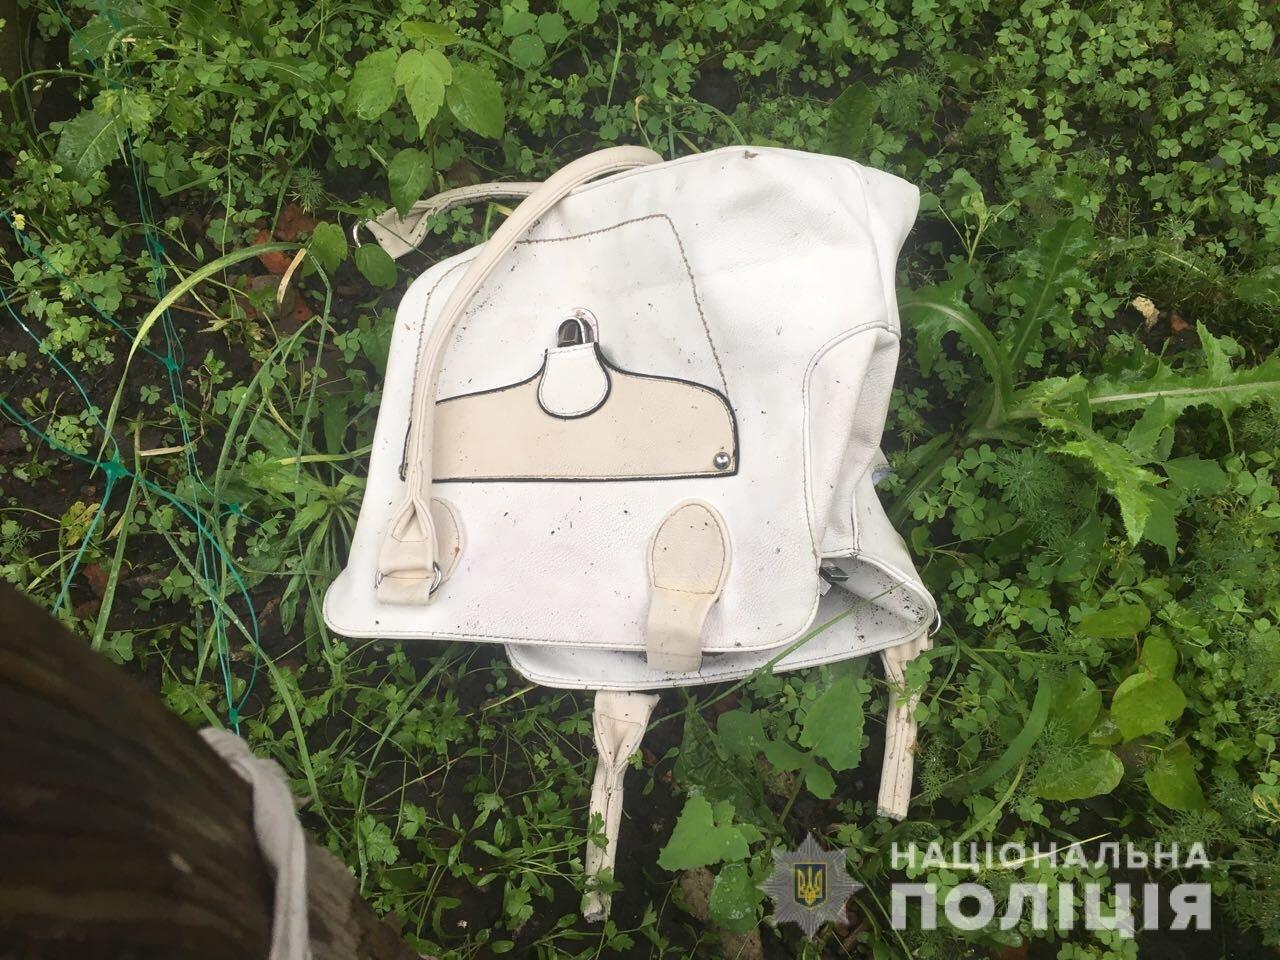 В Харькове рецидивист избил и обокрал пенсионерку, - ФОТО, фото-1